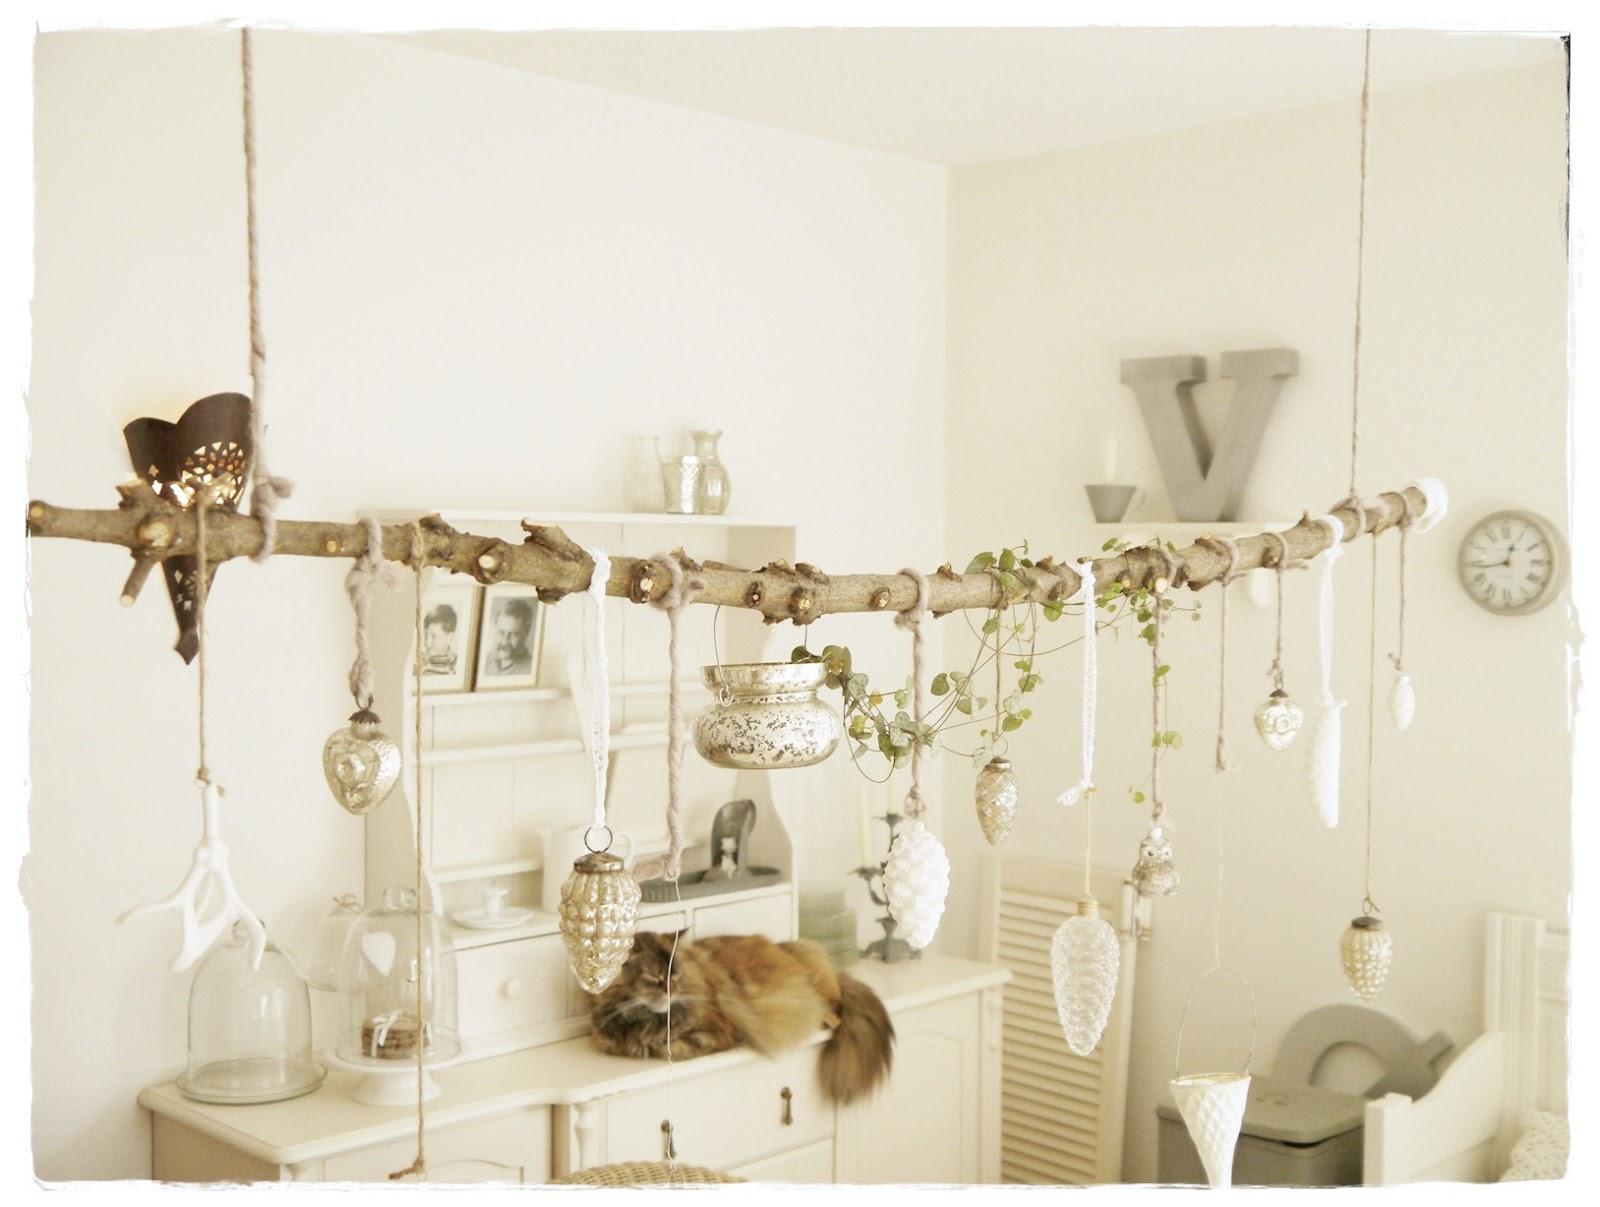 schwedische deko upcycling and franz sischer landhausstil. Black Bedroom Furniture Sets. Home Design Ideas